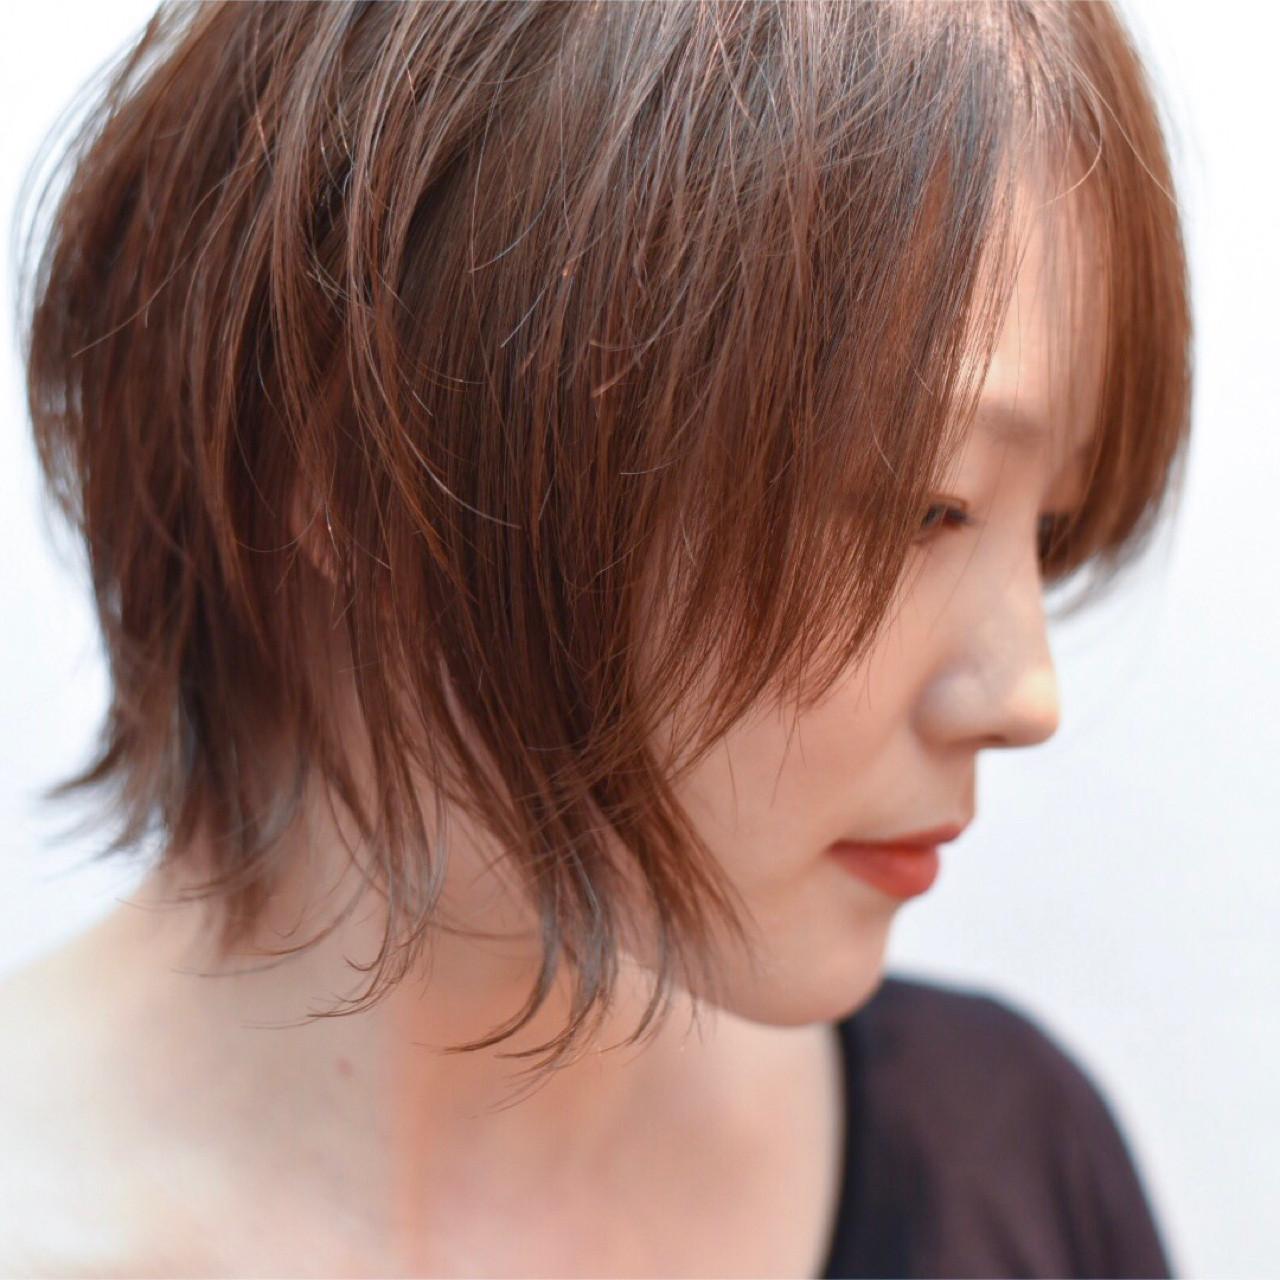 外ハネ ヘアアレンジ ナチュラル グレージュ ヘアスタイルや髪型の写真・画像